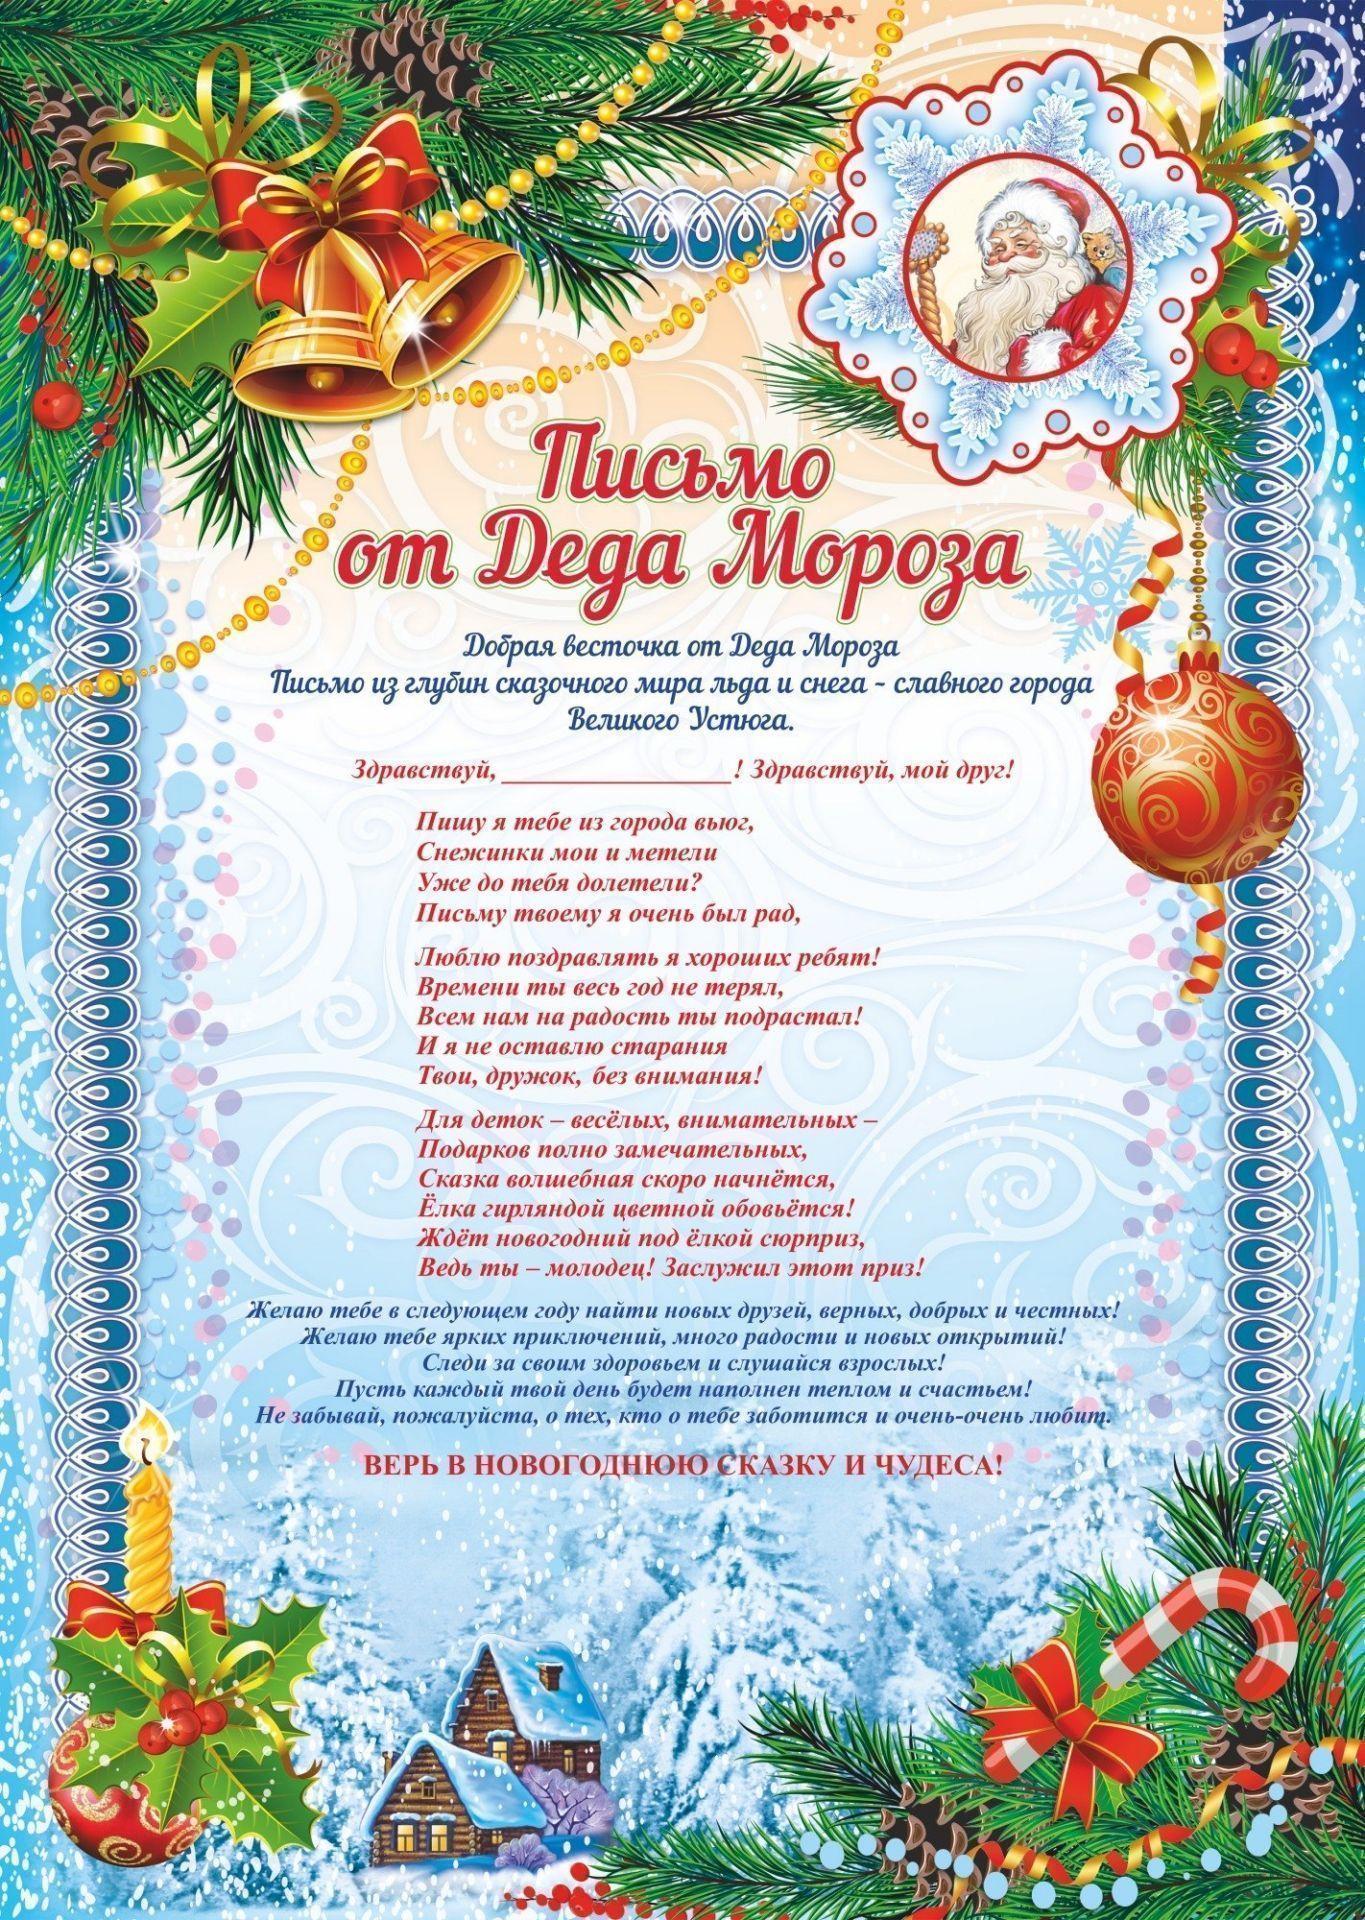 Письмо от Деда Мороза и Снегурочки (с глиттерным лаком)К праздникам и мероприятиям<br>.<br><br>Год: 2018<br>Высота: 297<br>Ширина: 210<br>Переплёт: бланк